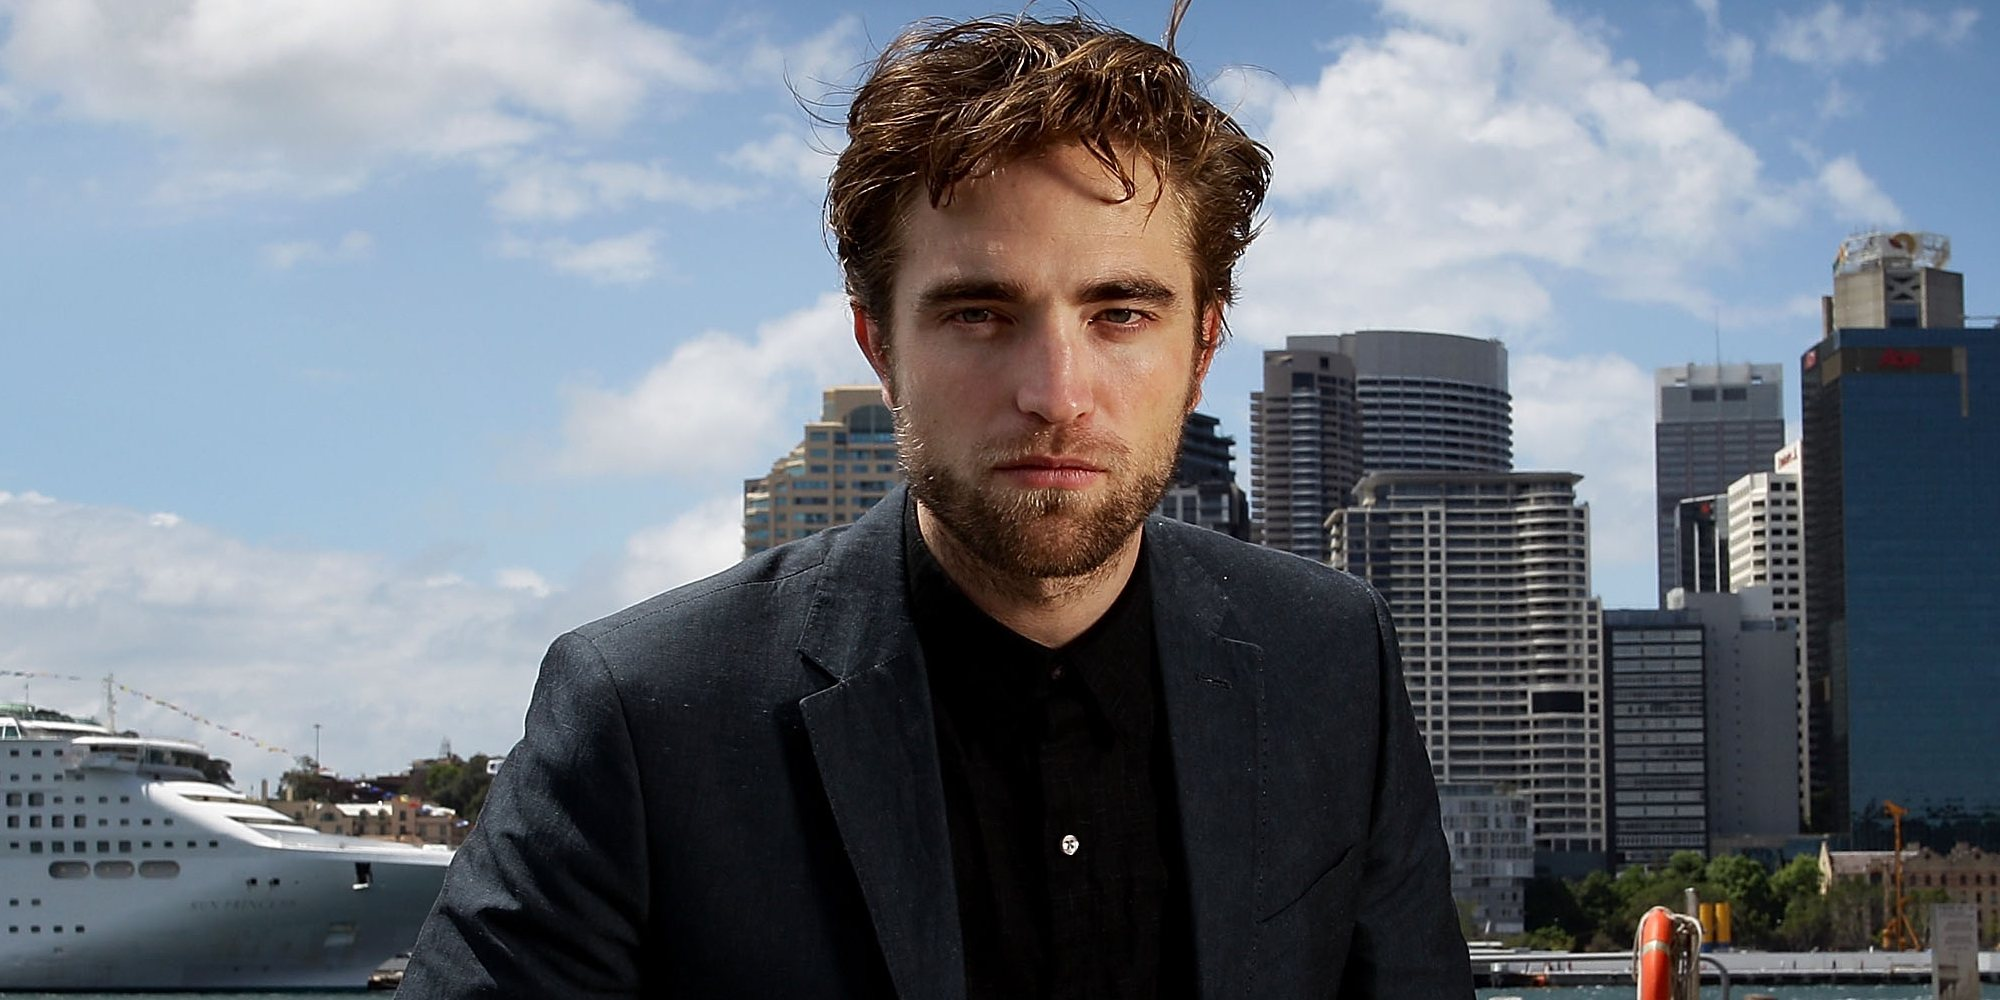 Robert Pattinson podría ser el nuevo Batman y suceder a Ben Affleck